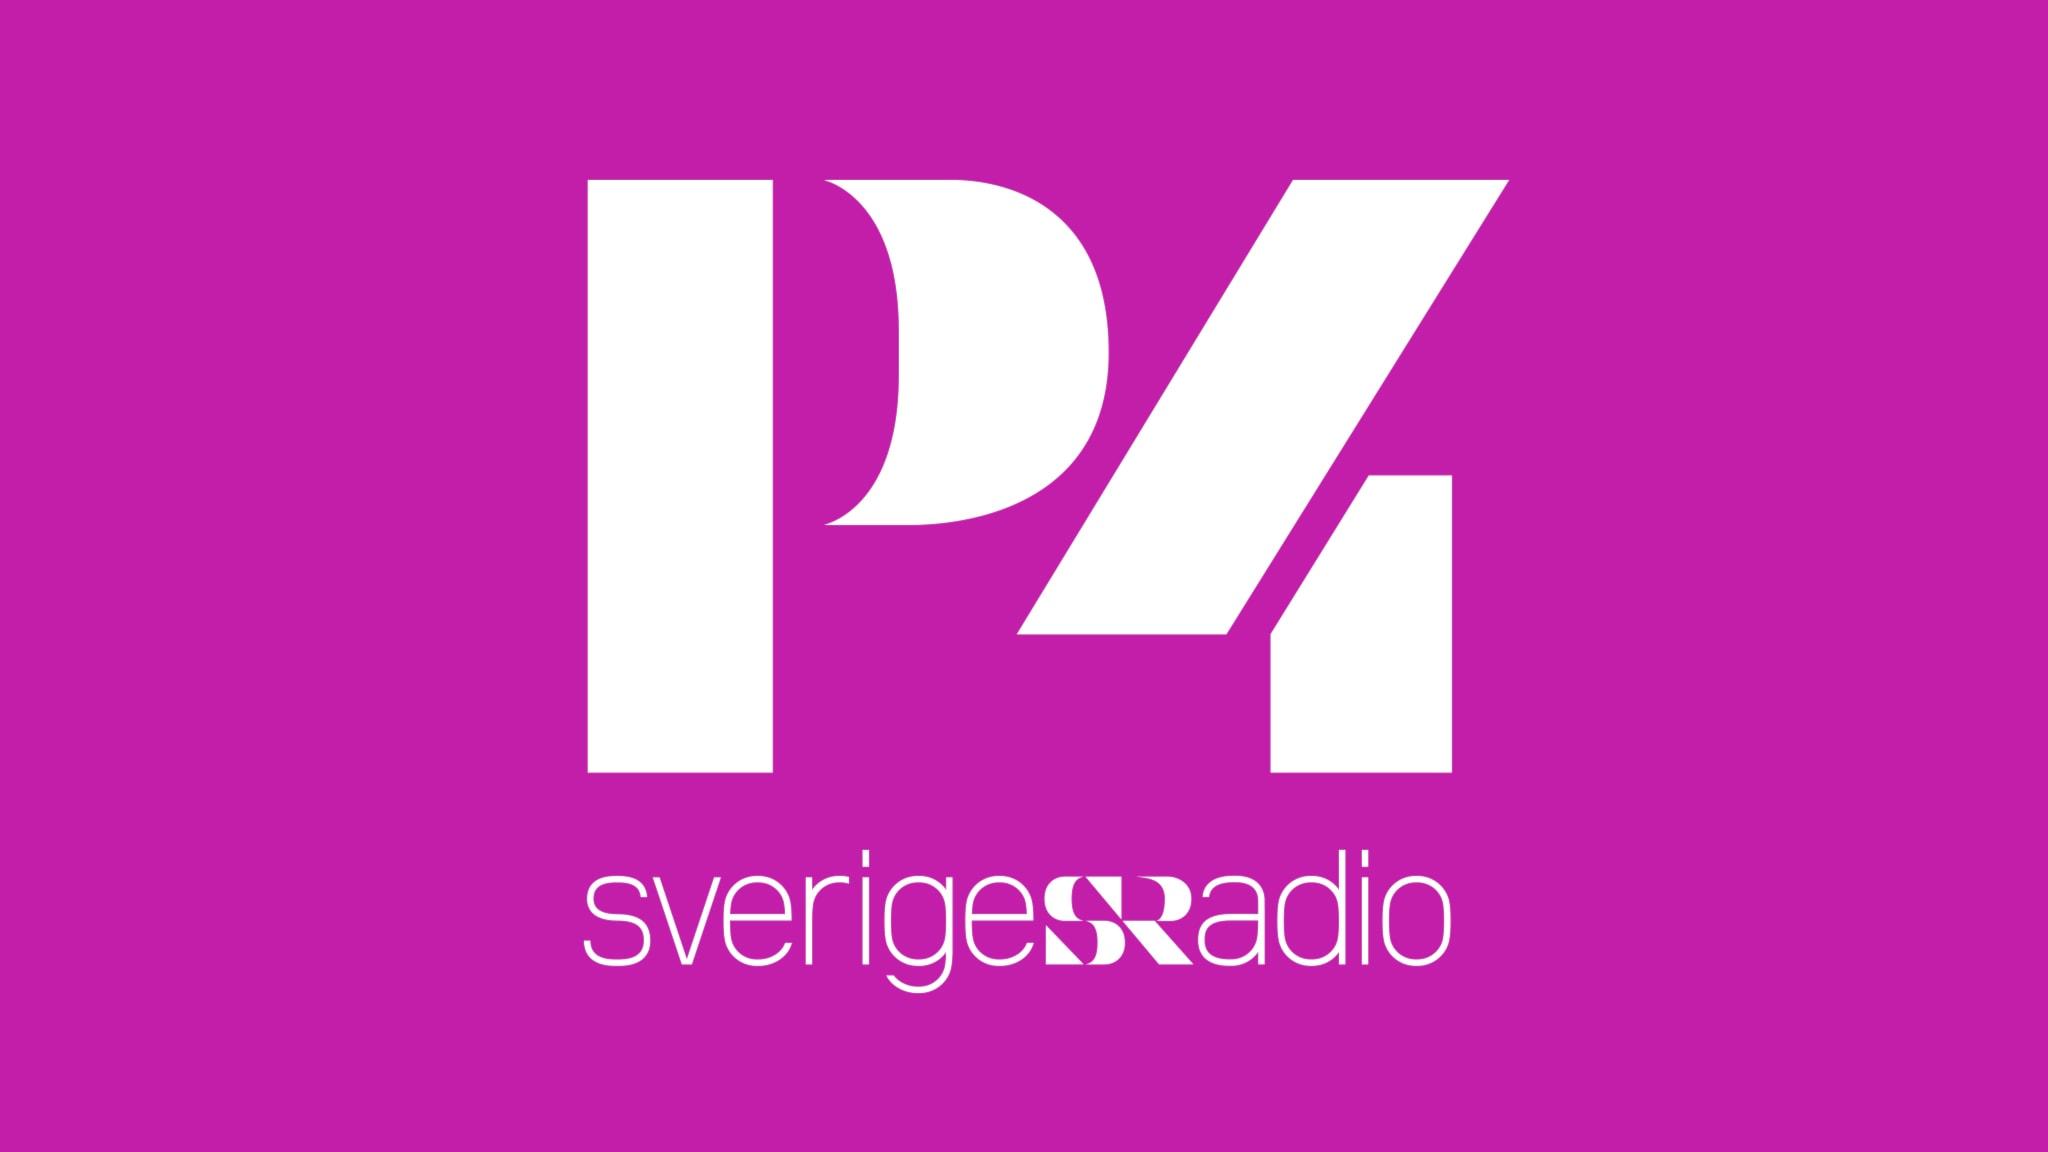 Trafik P4 Göteborg 20180706 06.20 (00.32)